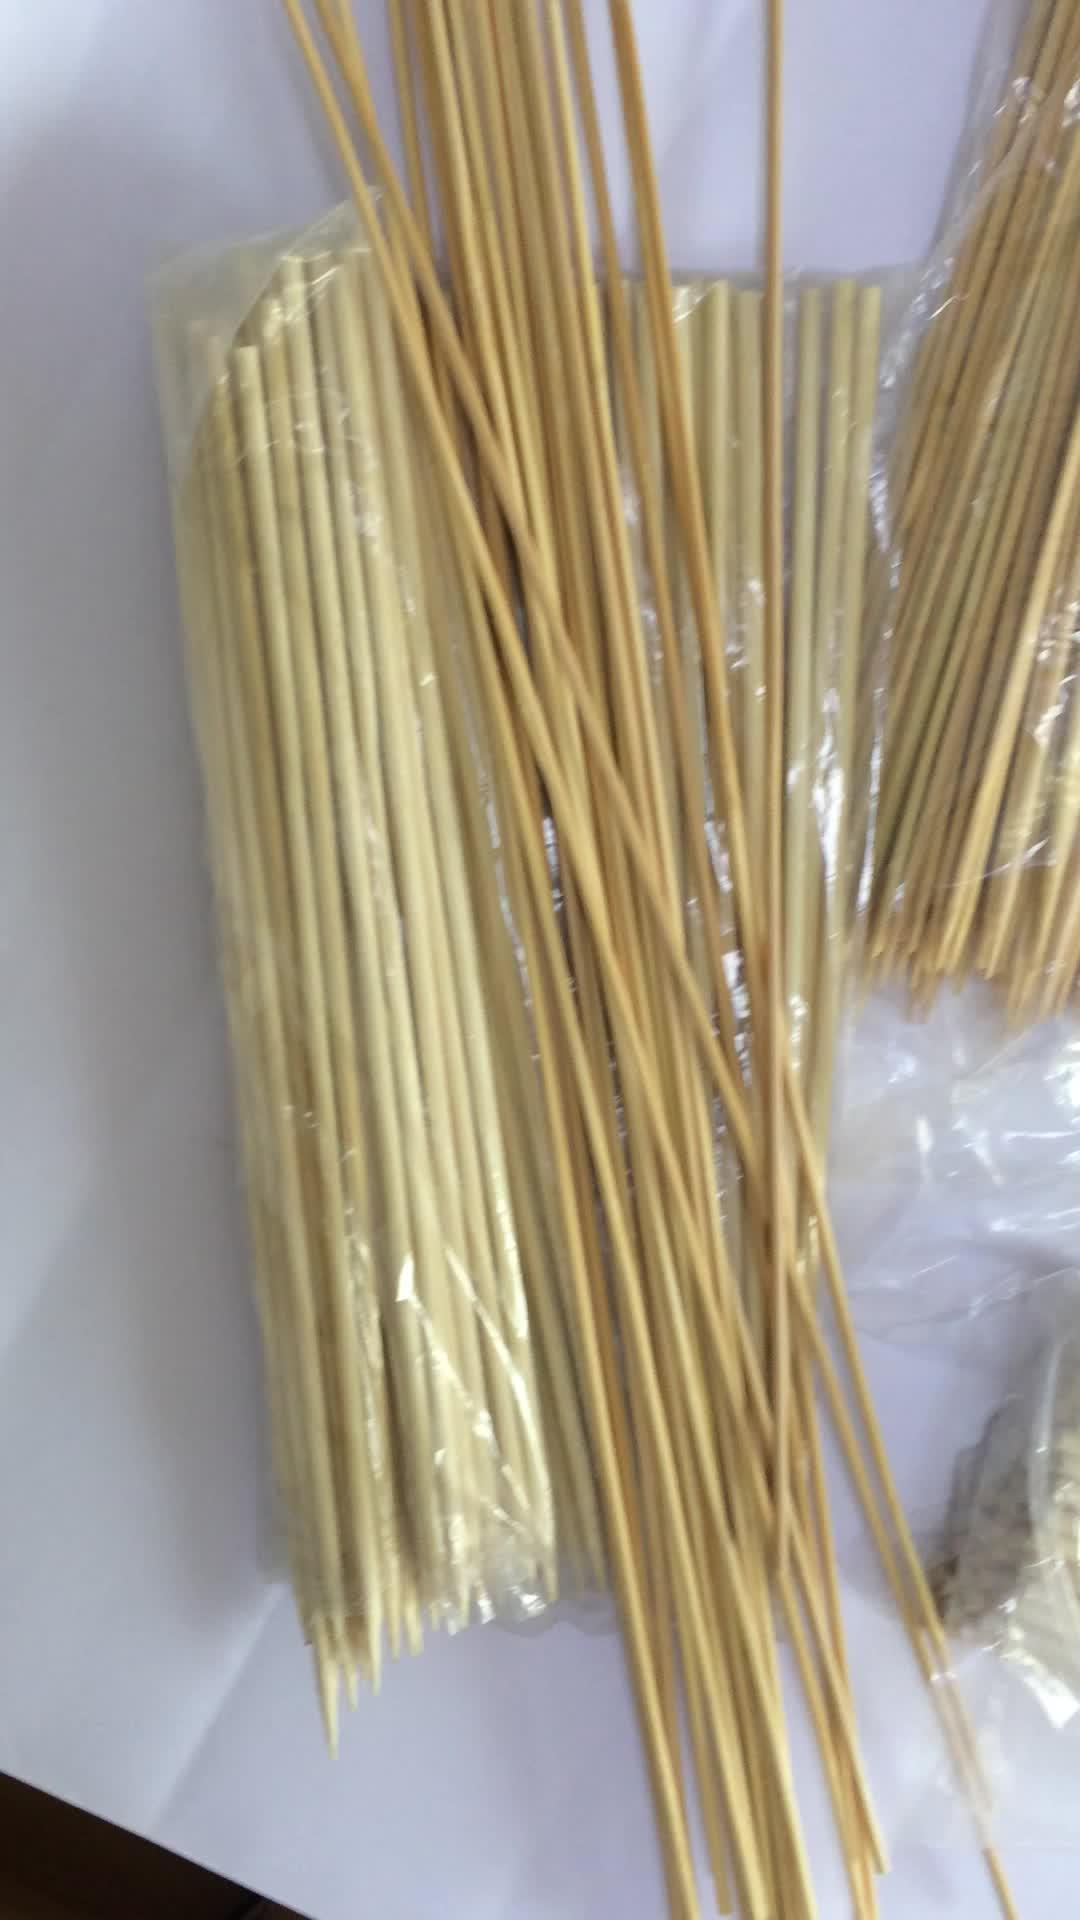 Gedroogde bamboe sticks voor wierook/bbq spiesjes lijn productie